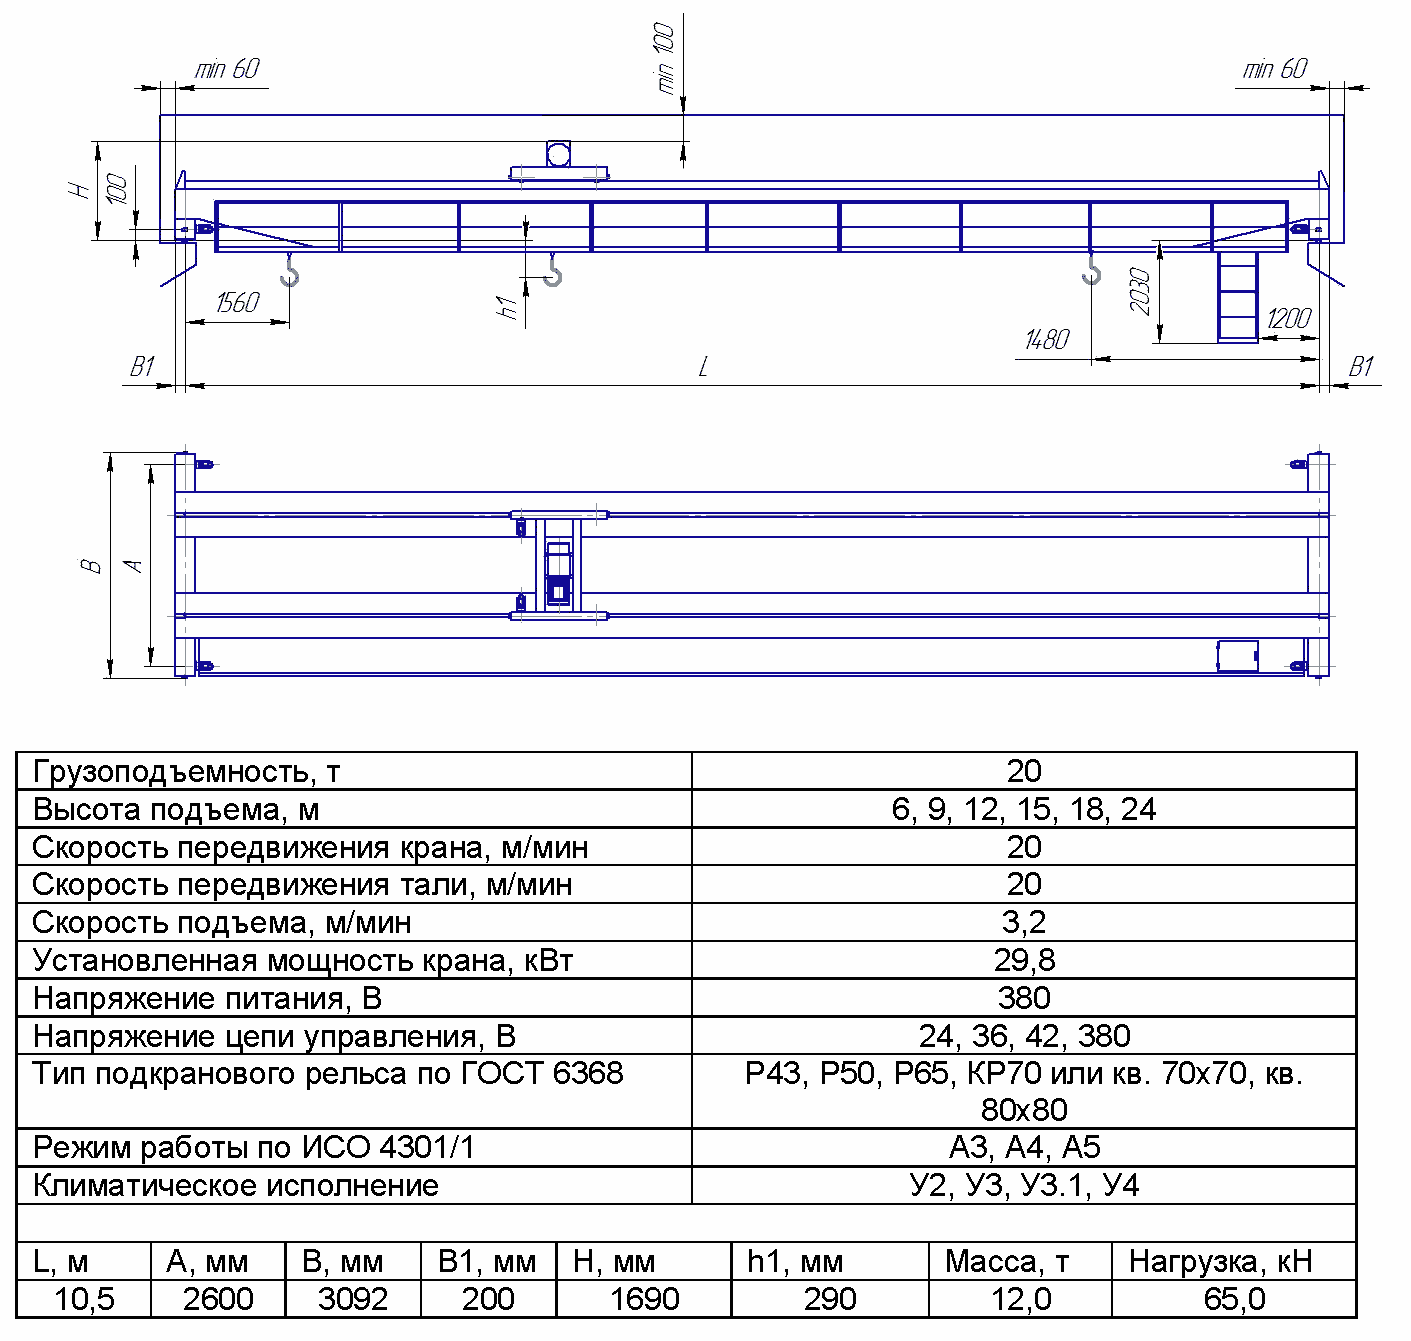 KMON 5 1 - Опорный мостовой кран общего назначения